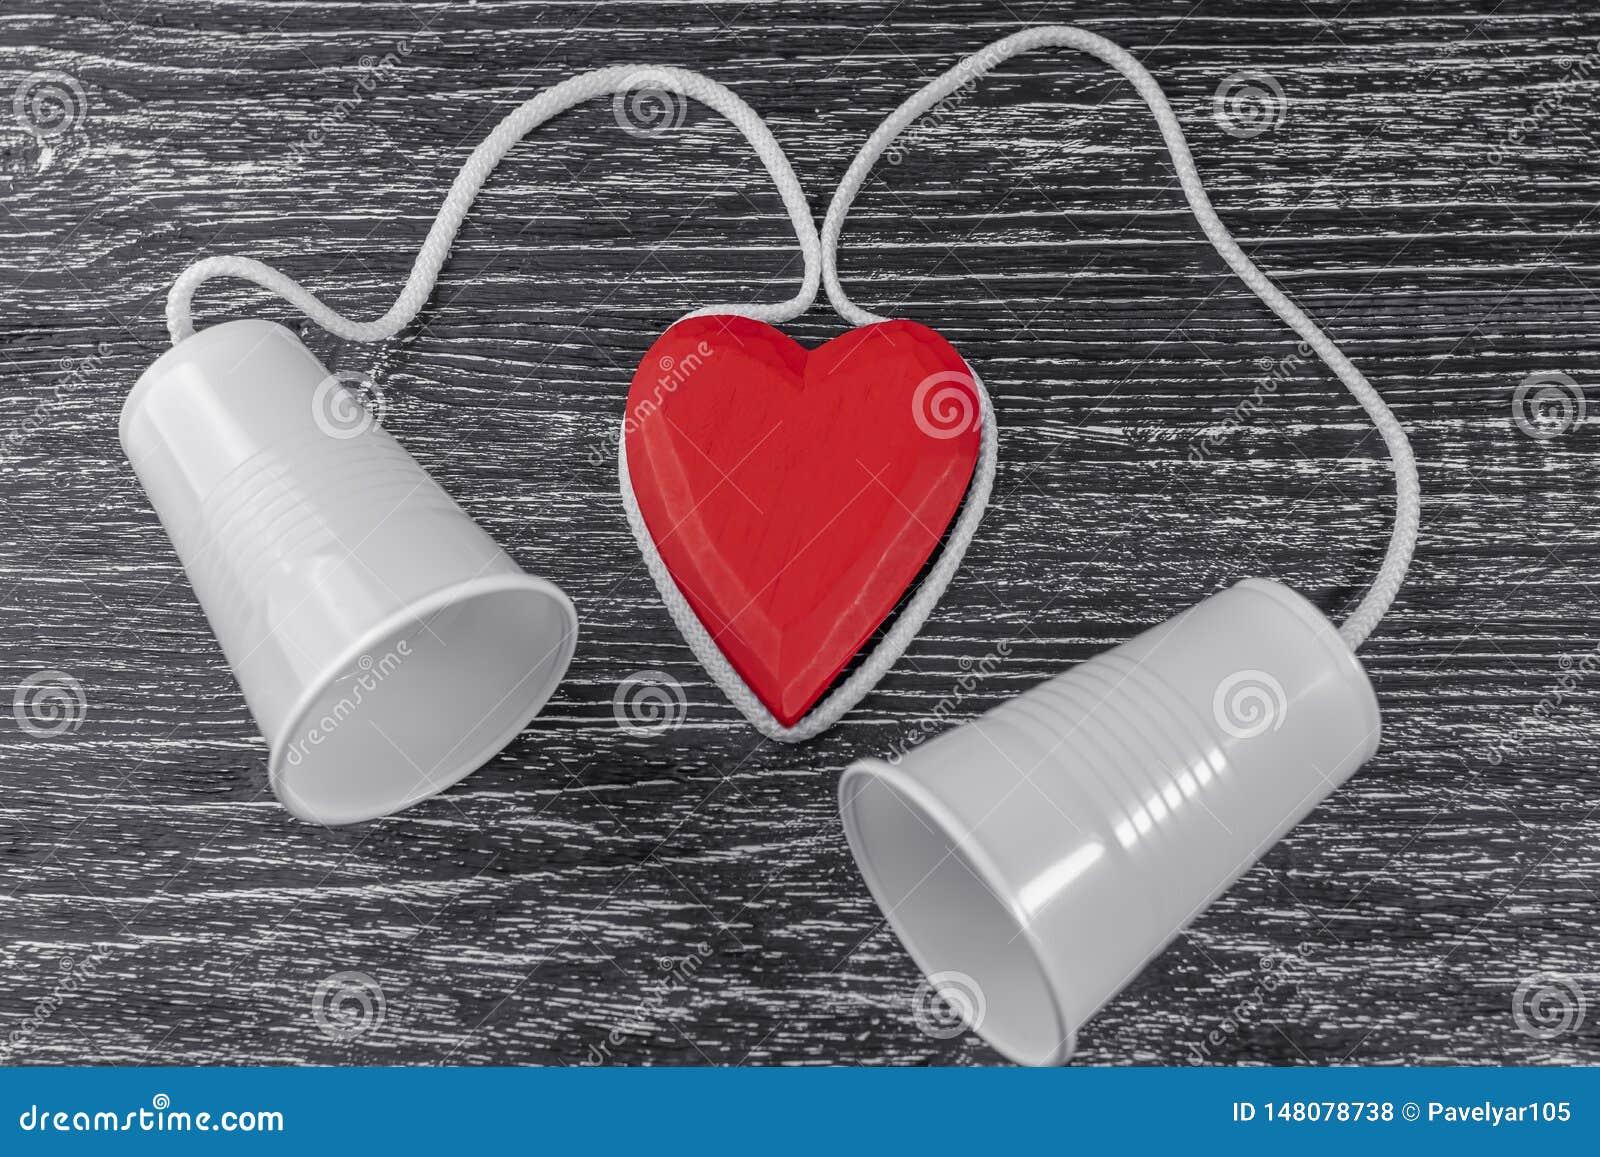 Το τηλέφωνο αποτελείται από τα άσπρα πλαστικά φλυτζάνια και ένα άσπρο σχοινί τοποθετημένος γύρω από μια κόκκινη ξύλινη καρδιά